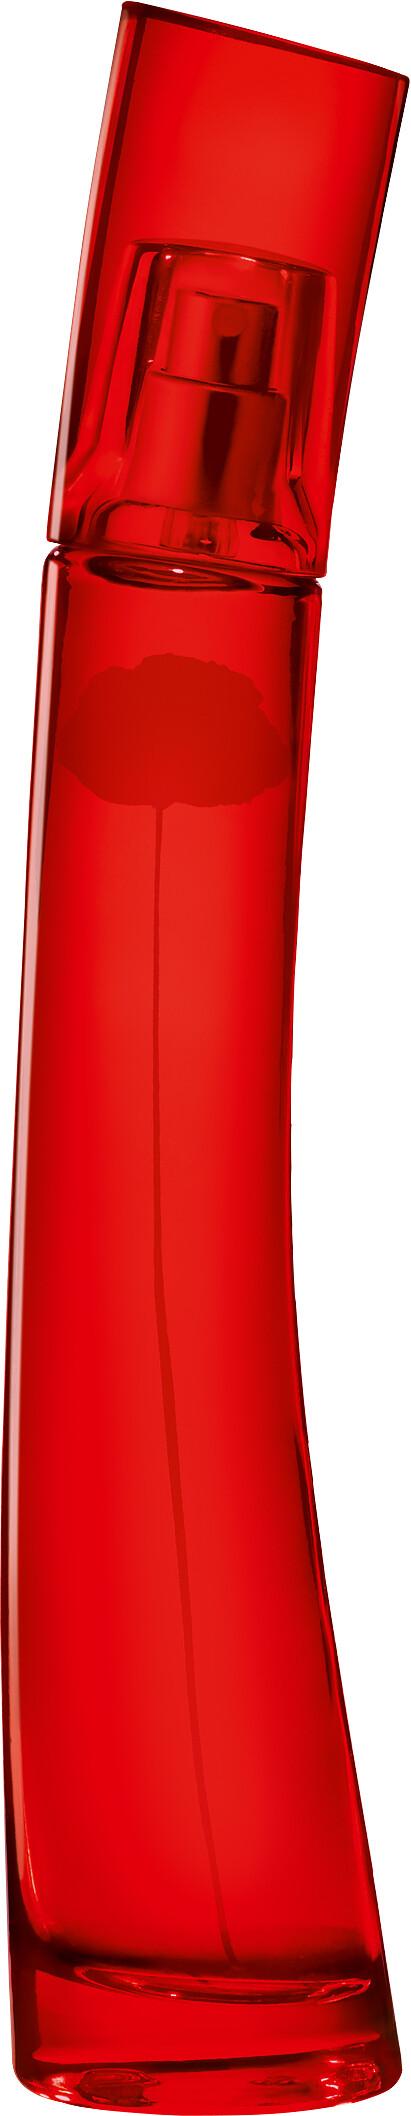 By Eau 50ml Spray Kenzo Red Edition Toilette Flower De cTl1JFK